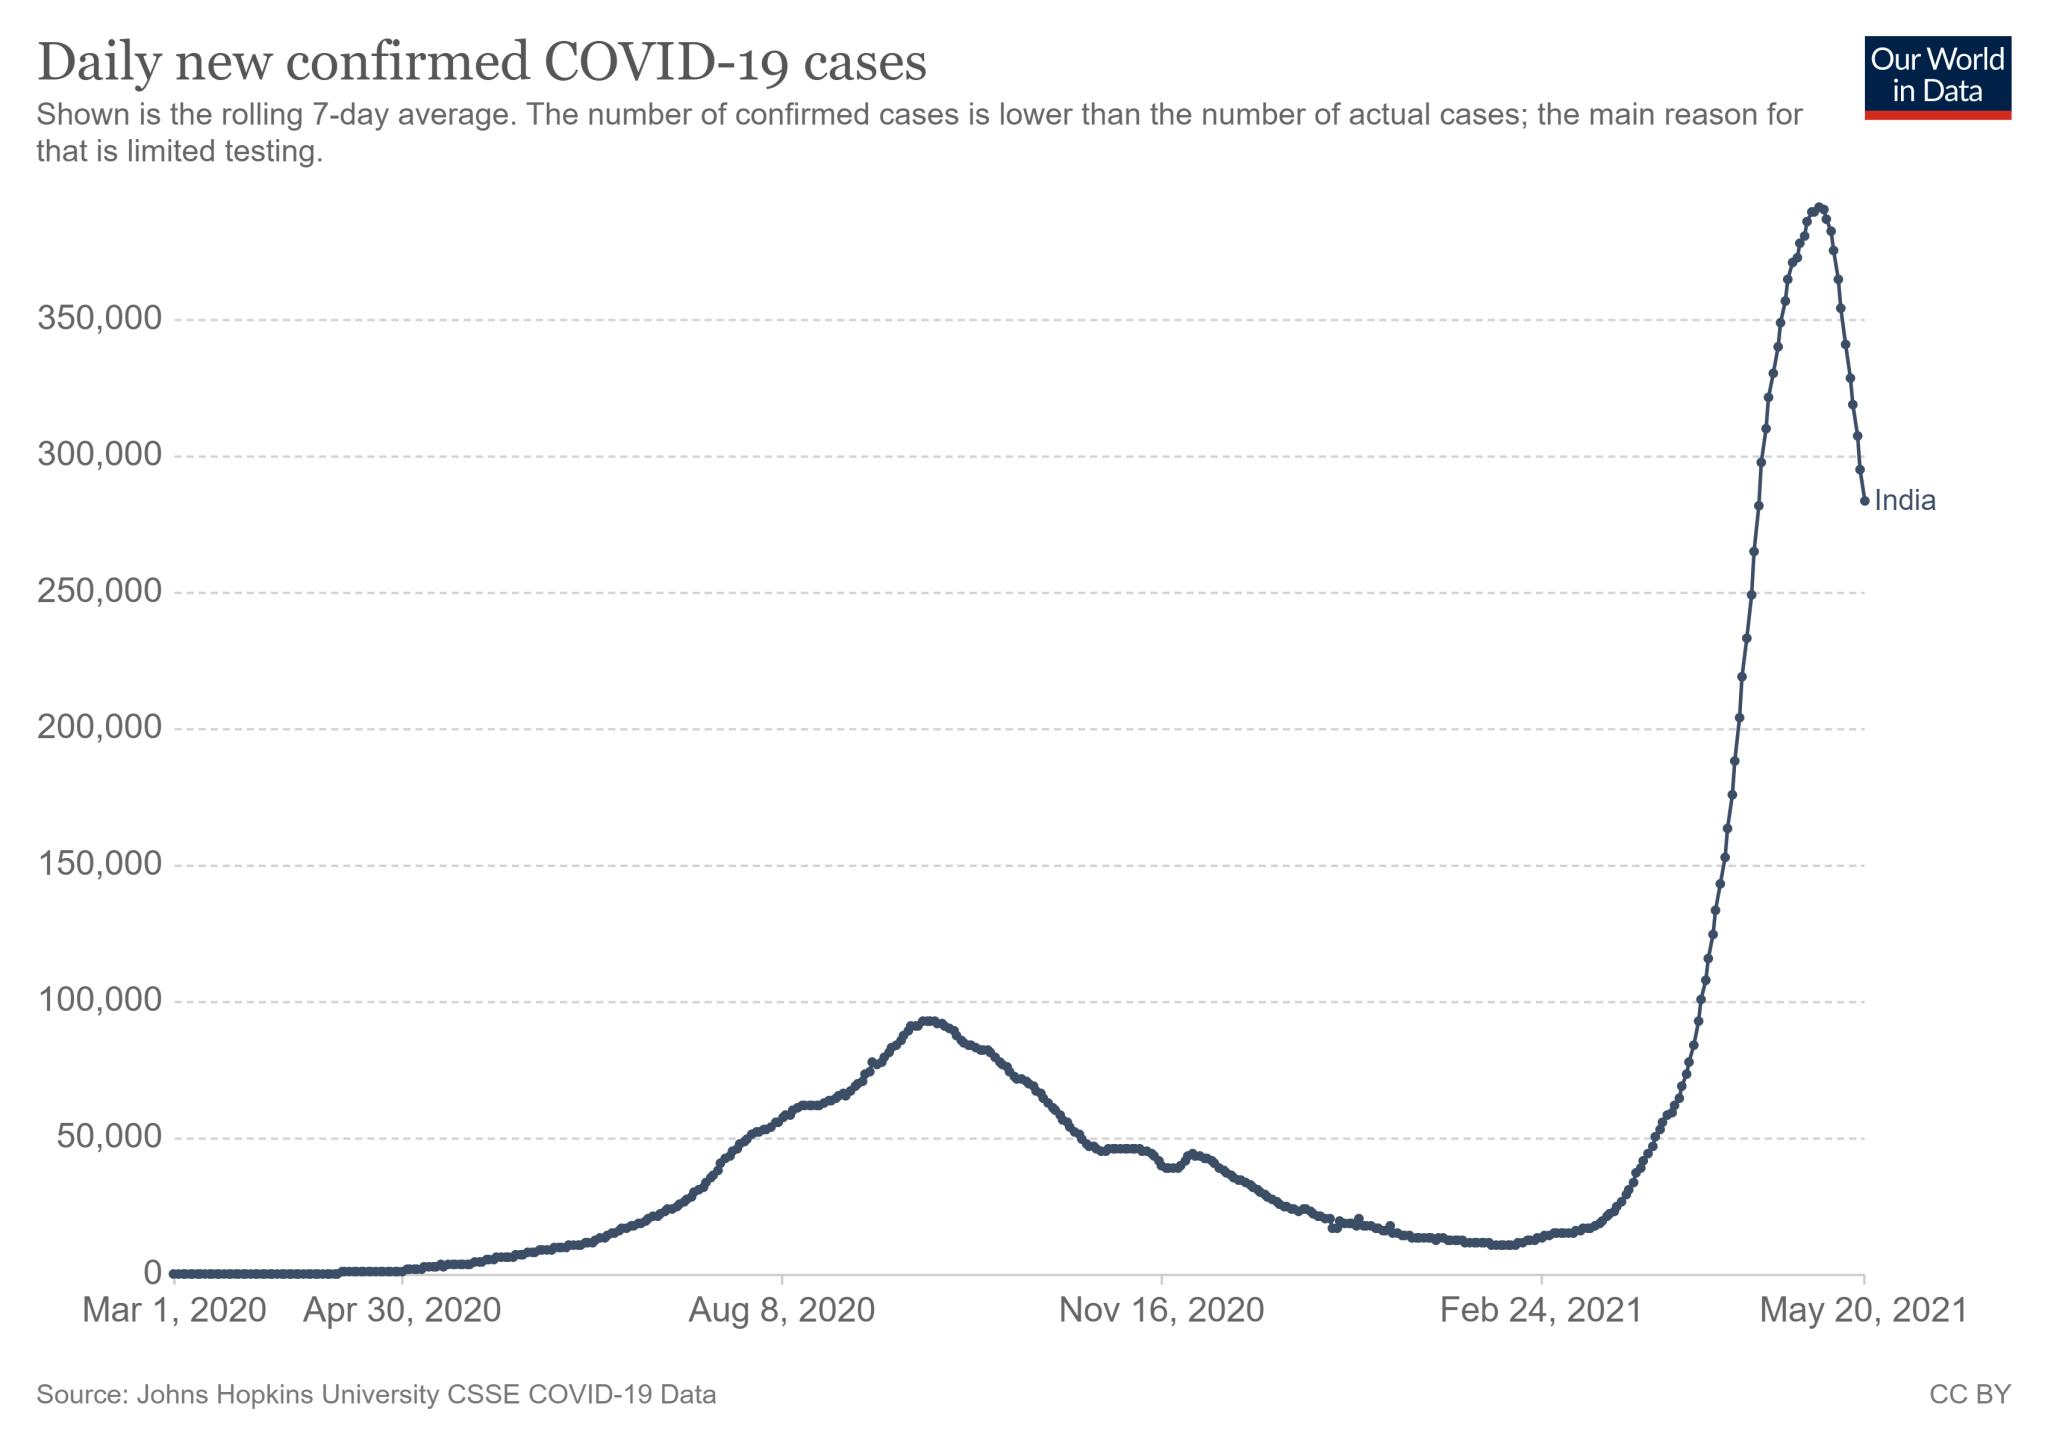 Średnia siedmiodniowa nowych zakażeń COVID-19 w Indiach